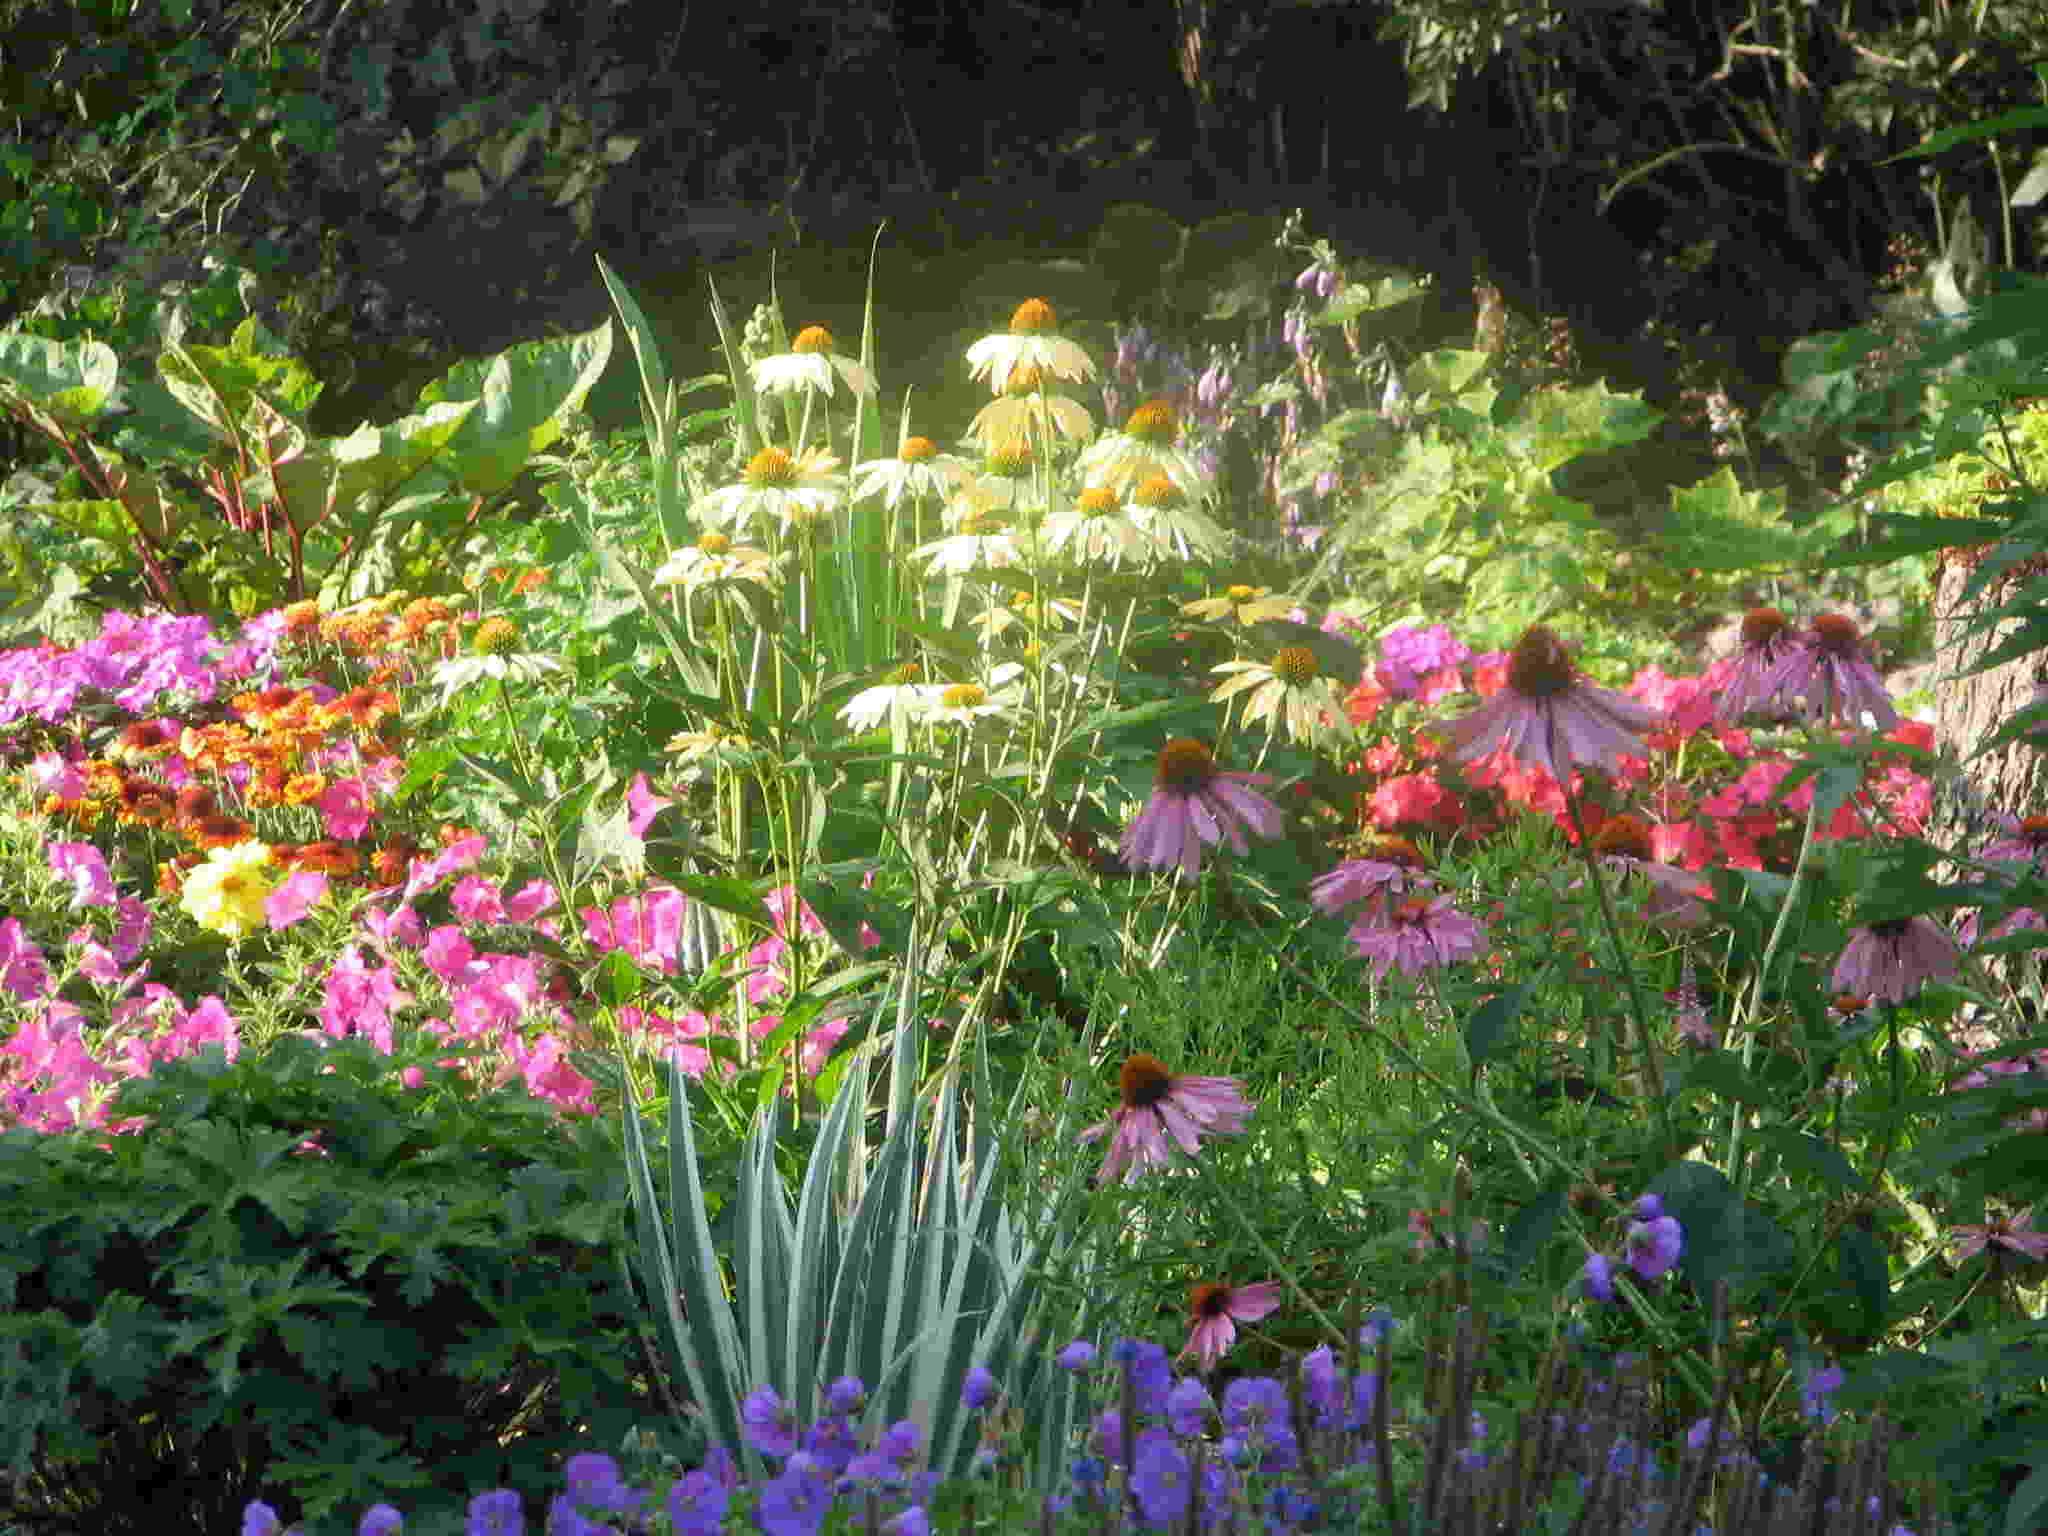 Perennial garden design ideas design on vine perennial garden design ideas mightylinksfo